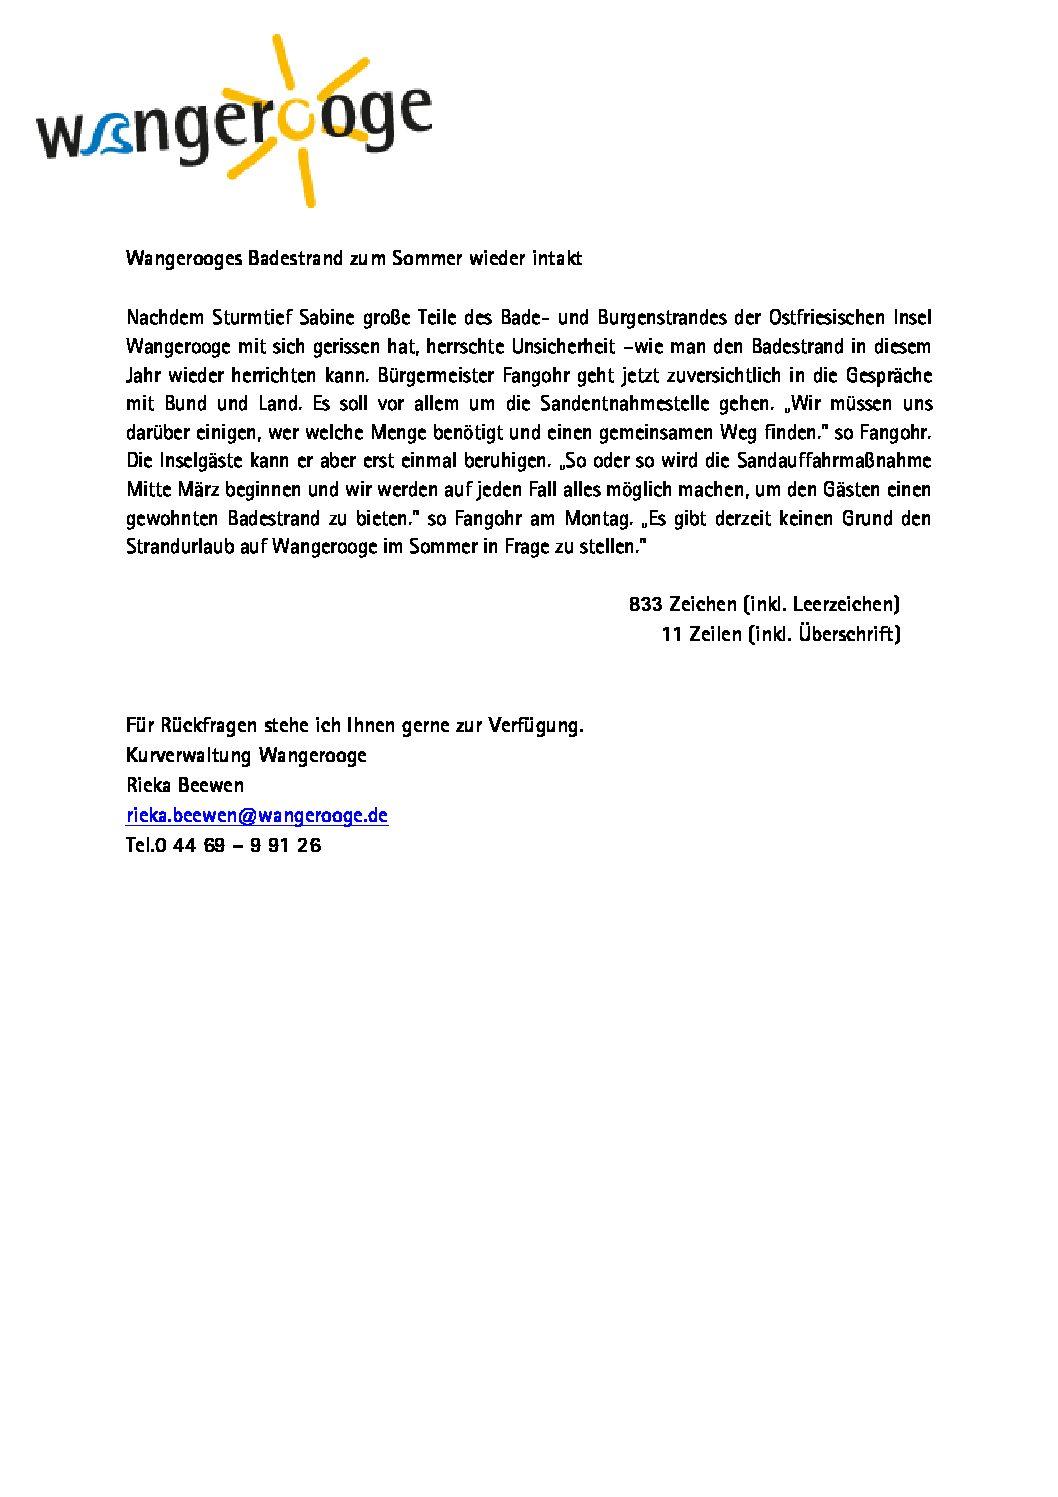 Pressemitteilung der Gemeinde- und Kurverwaltung Wangerooge zur Situation am Bade- und Burgenstrand nach dem Sturmtief Sabine